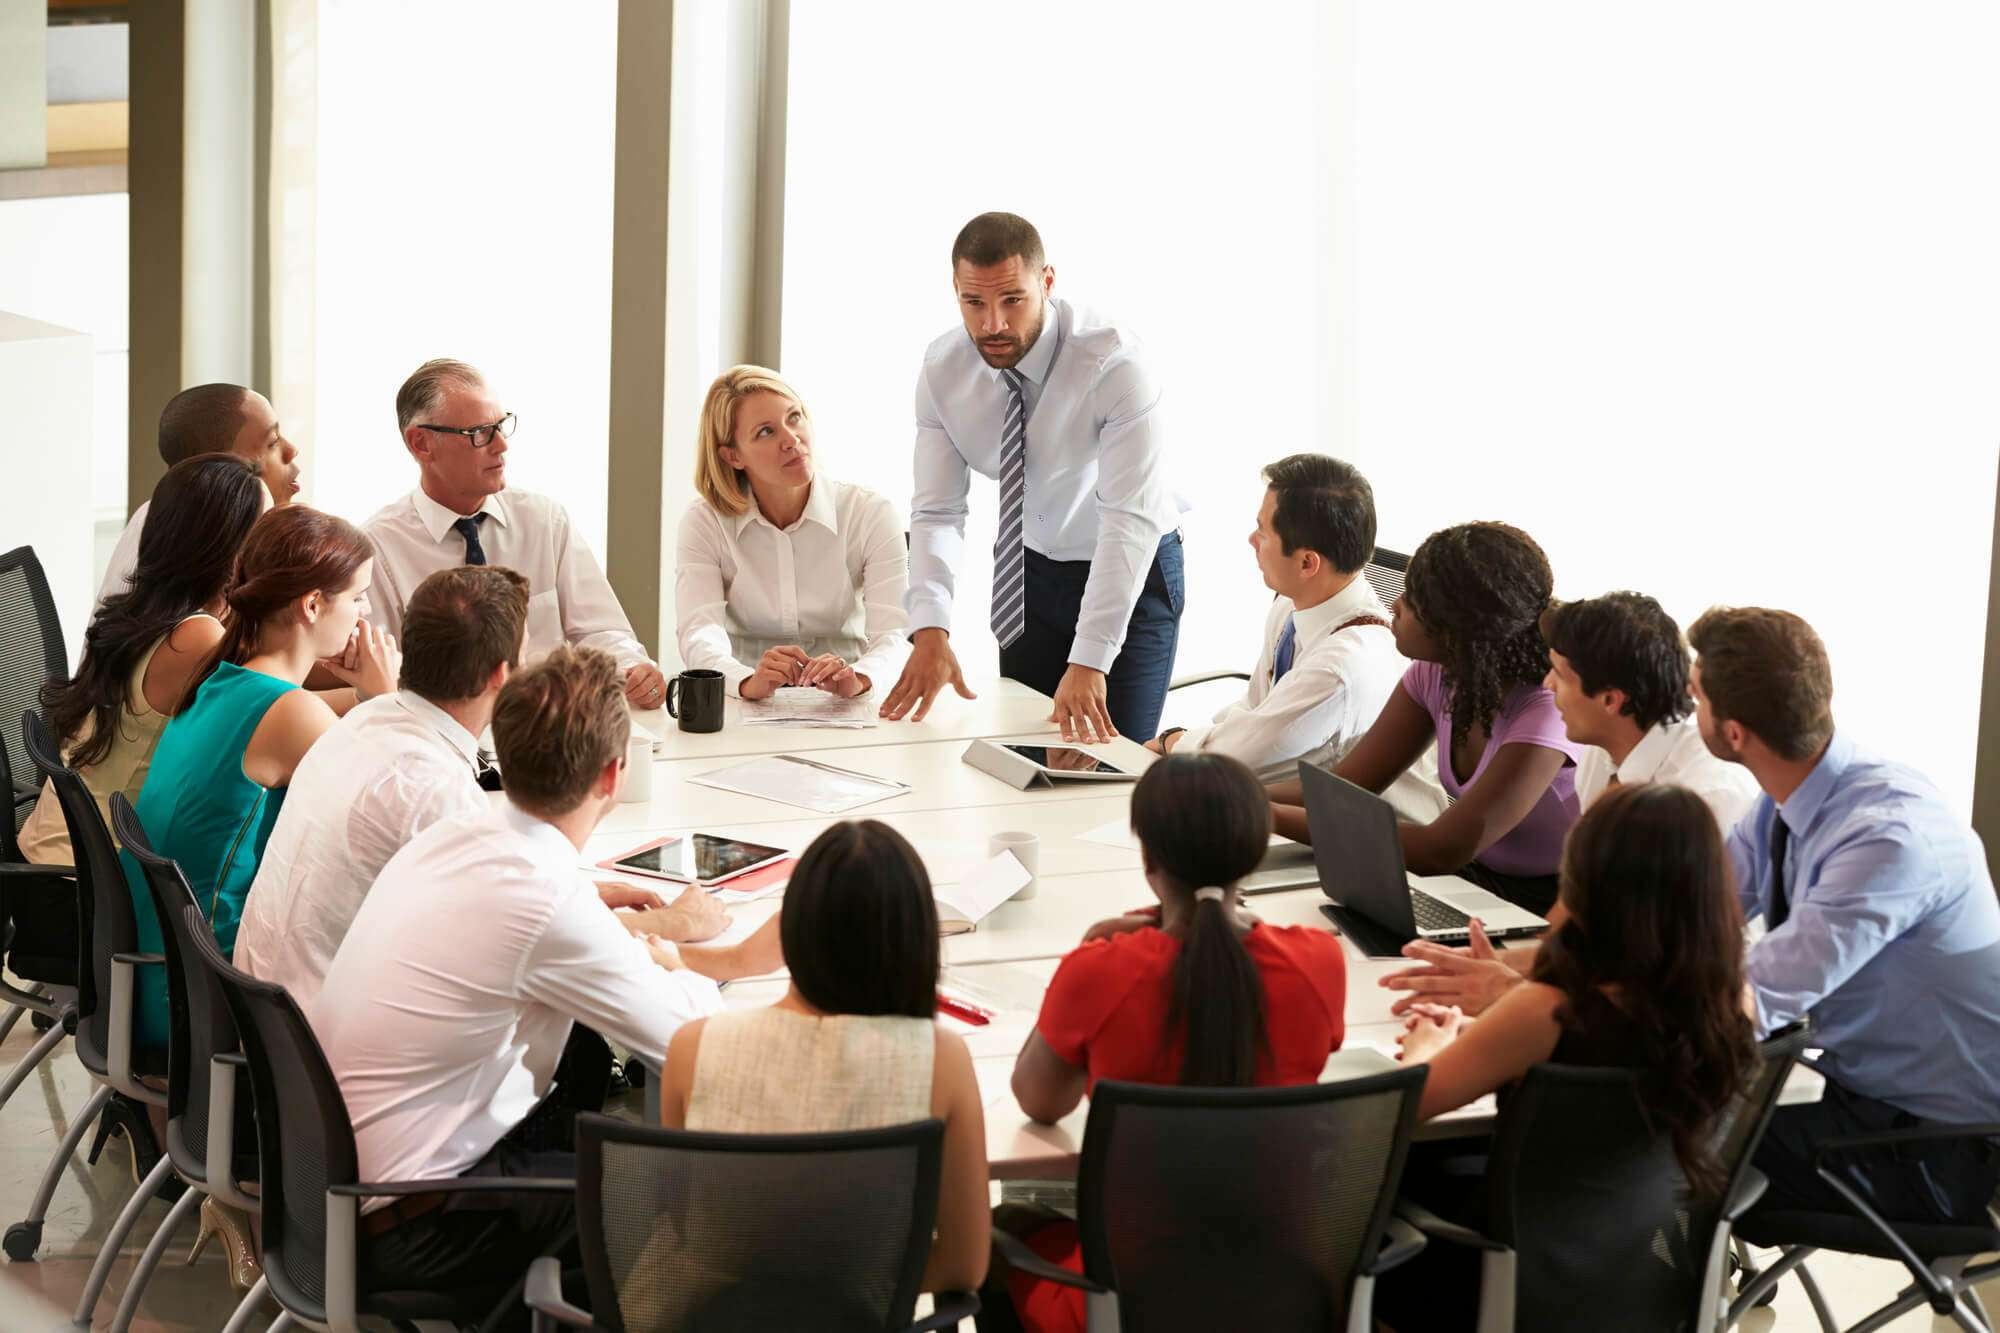 8 Técnicas Para Se Destacar Em Uma Reunião De Negócios